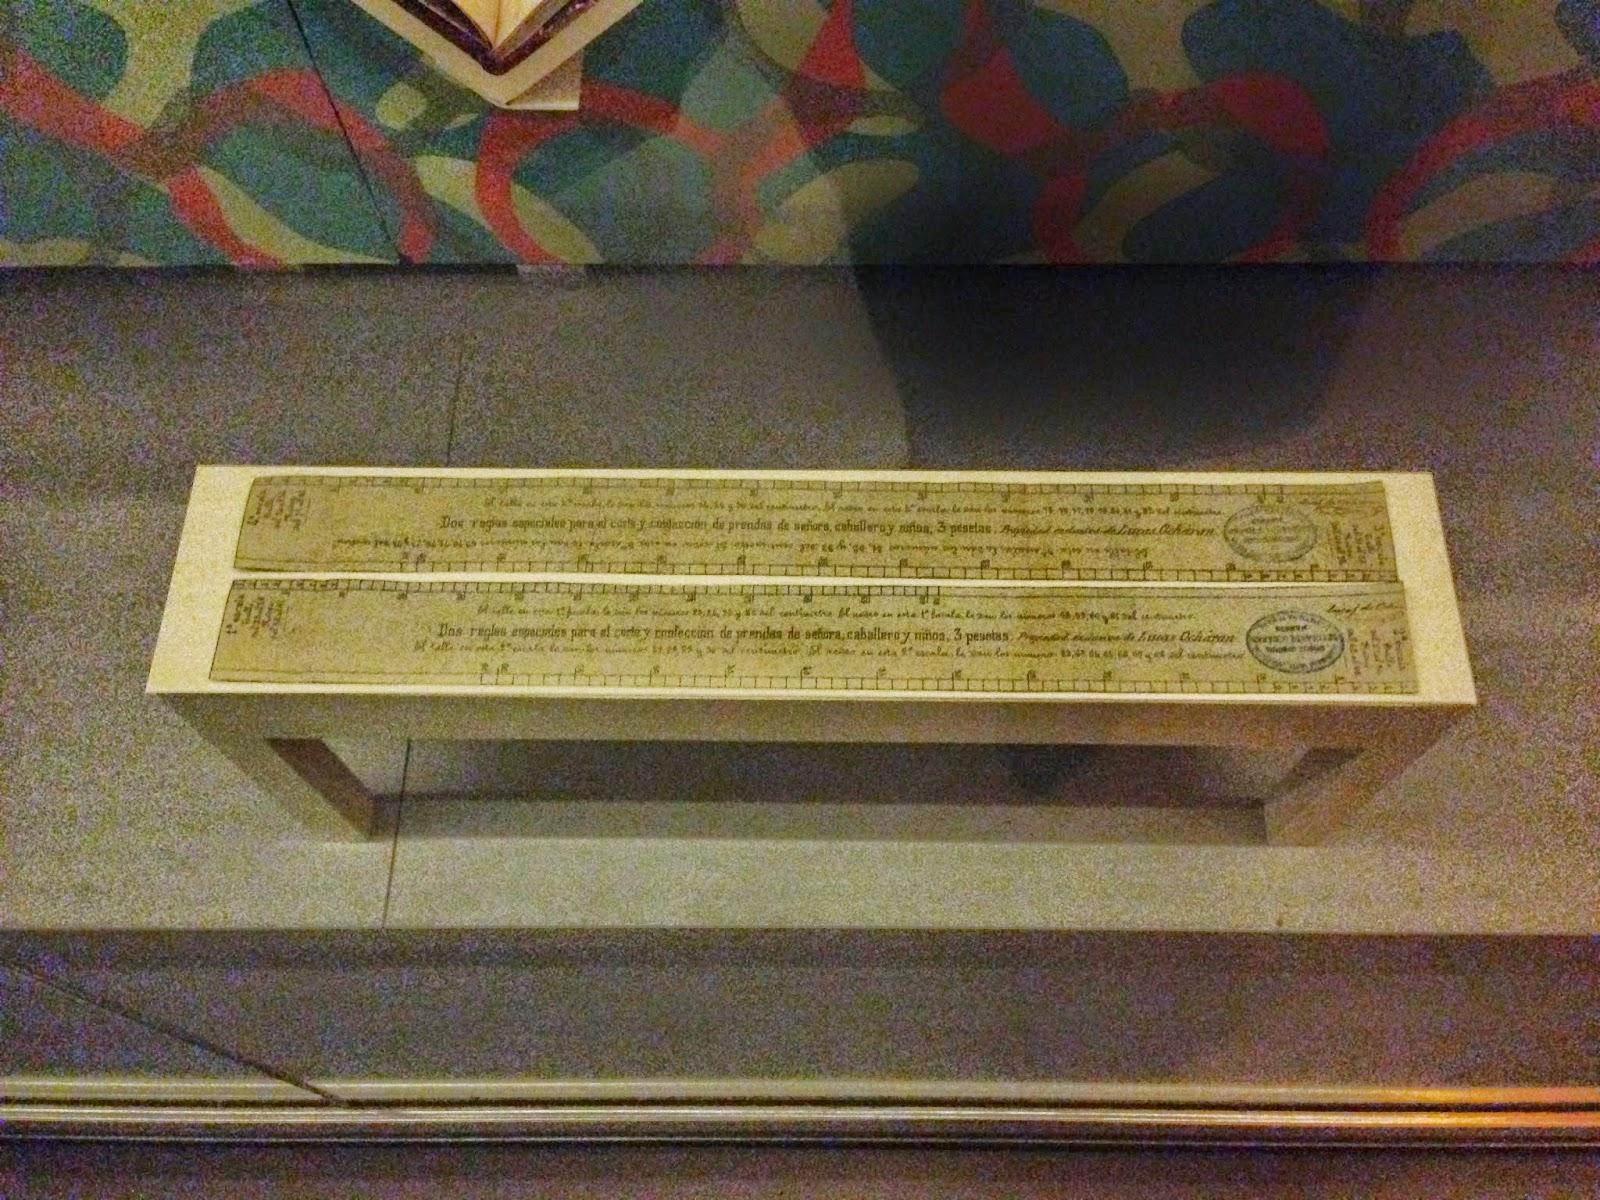 Algunos de los centímetros de la exposición de la Biblioeca Nacional